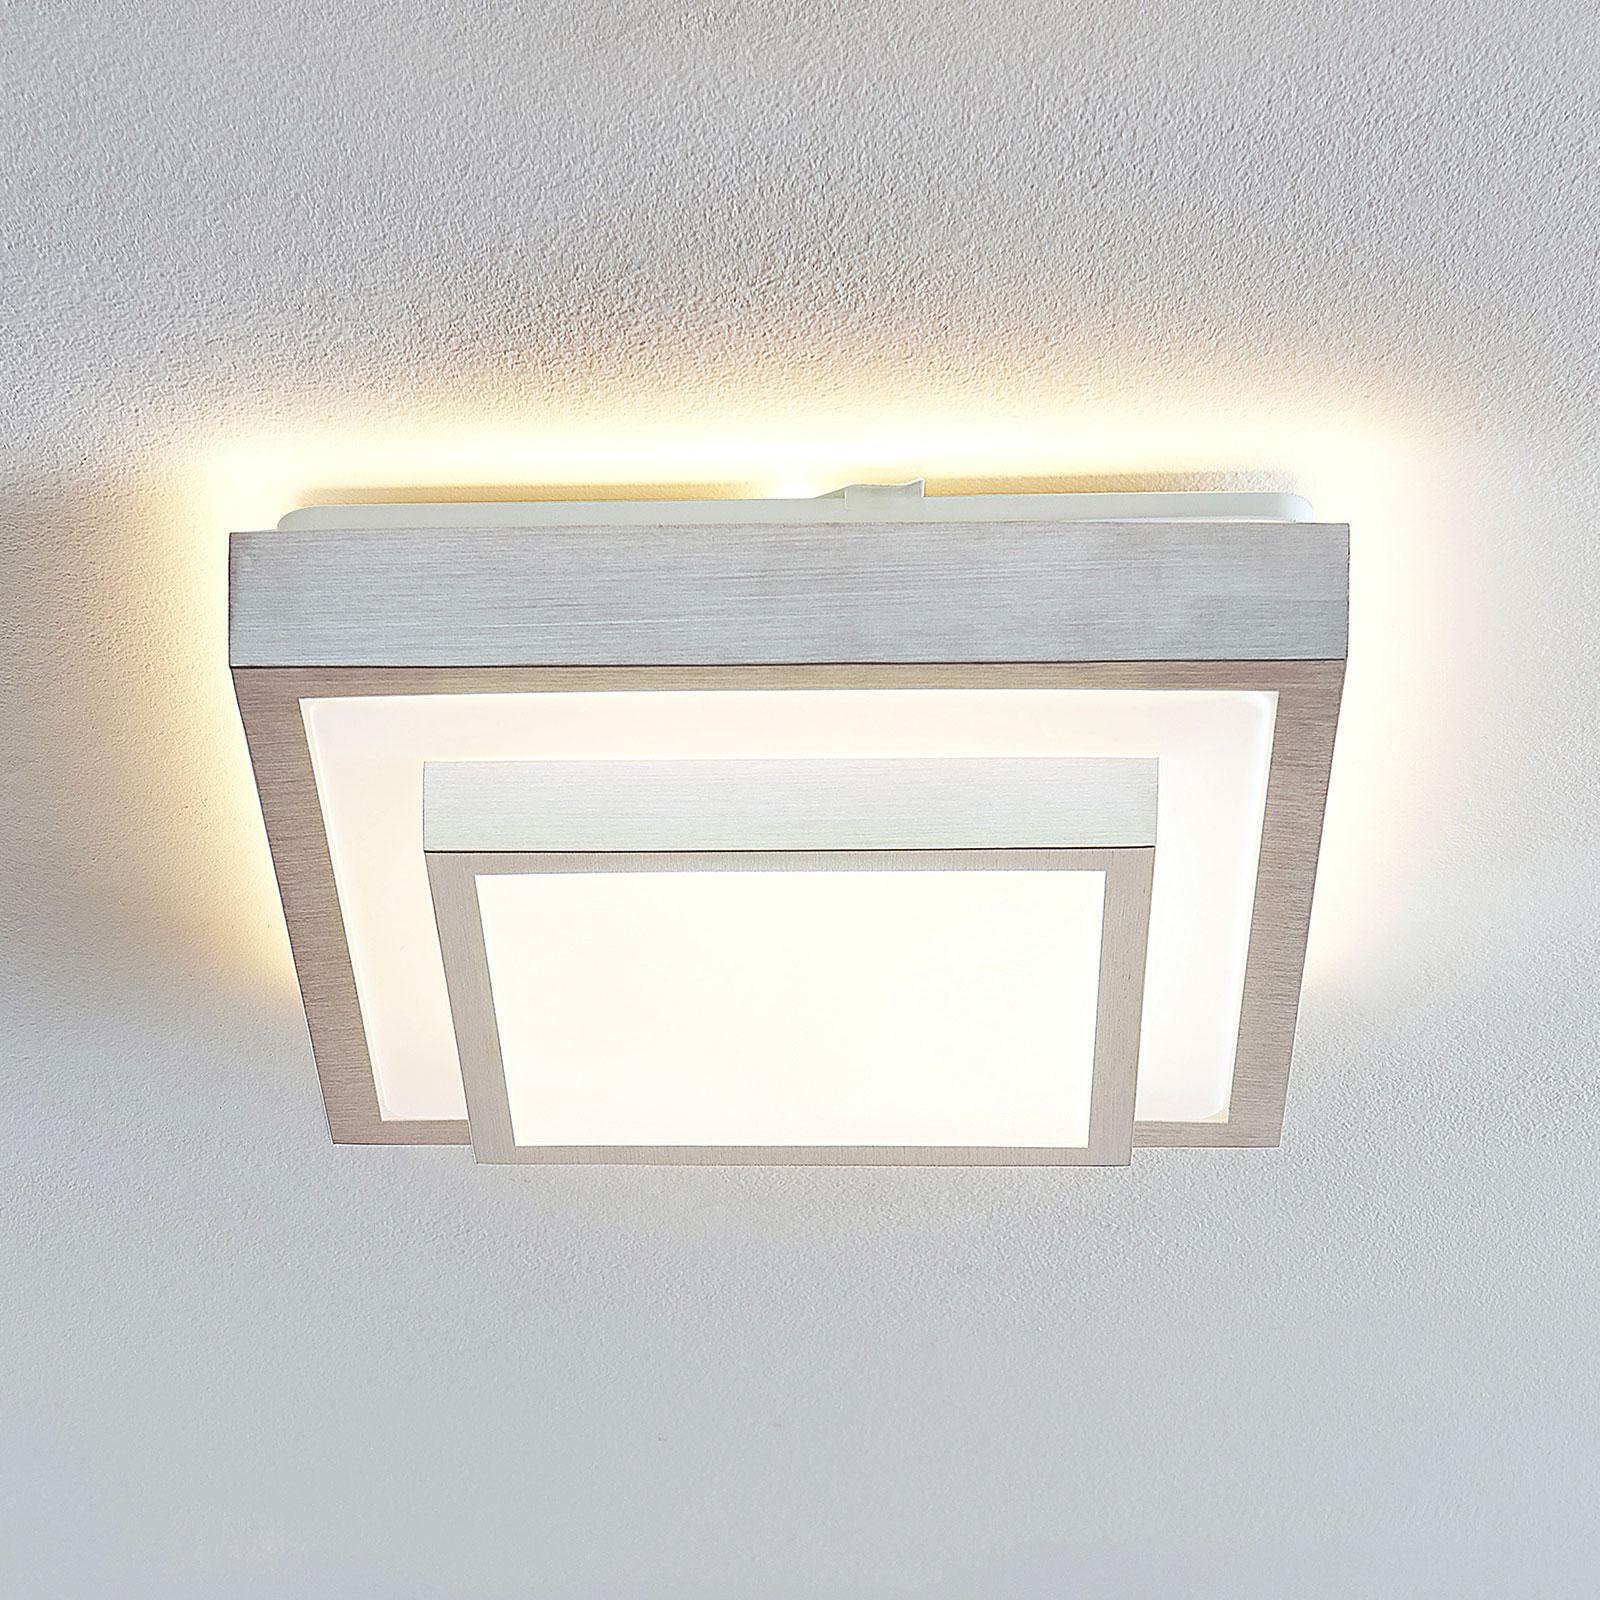 Lindby Mirco hliníkové stropné LED, hranaté, 32cm_9624955_1